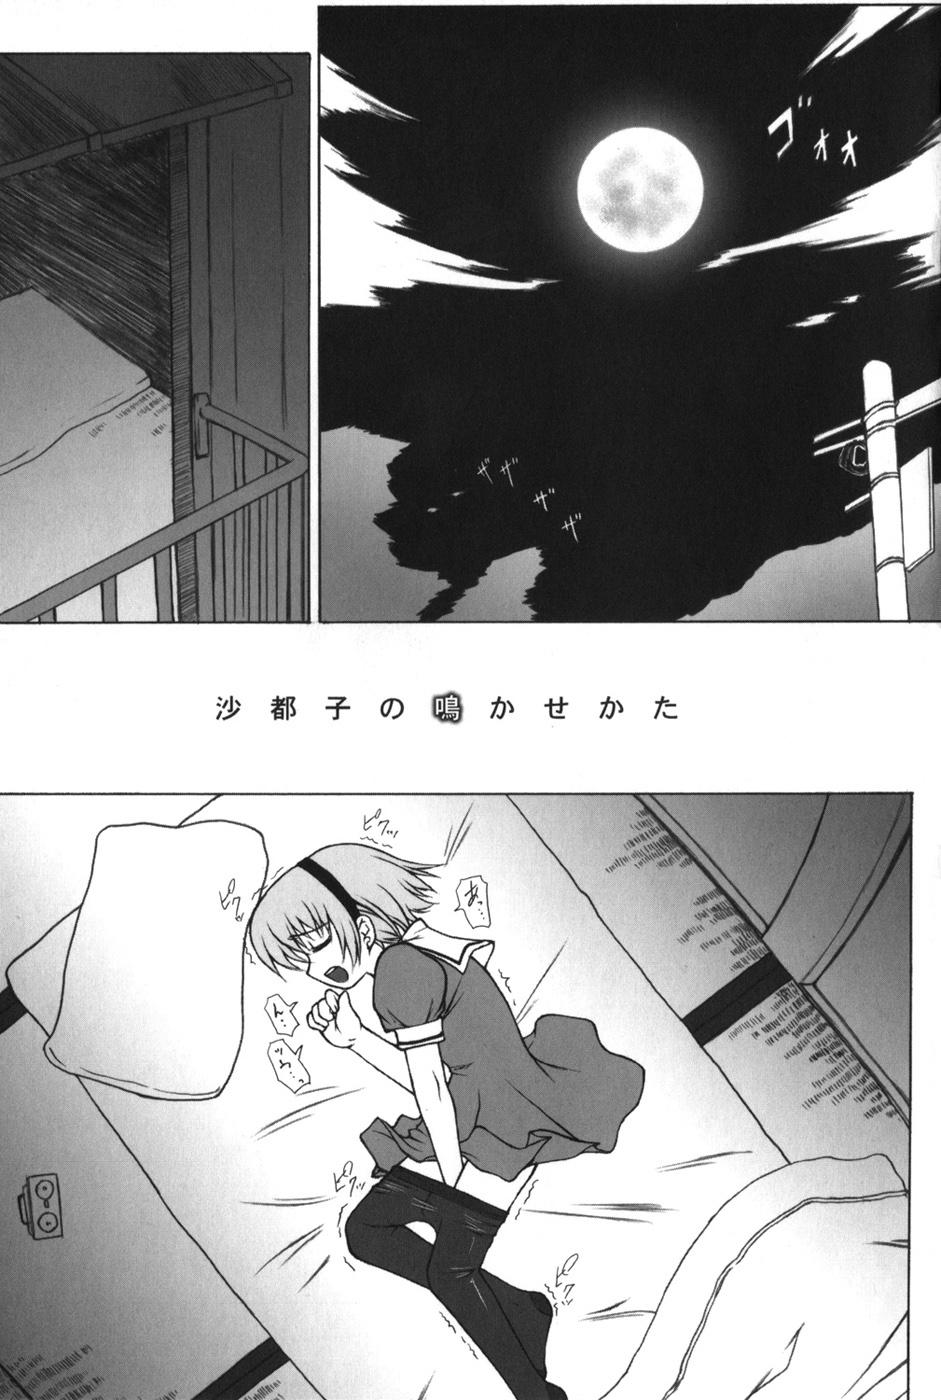 HiguERO no naku koro ni 7